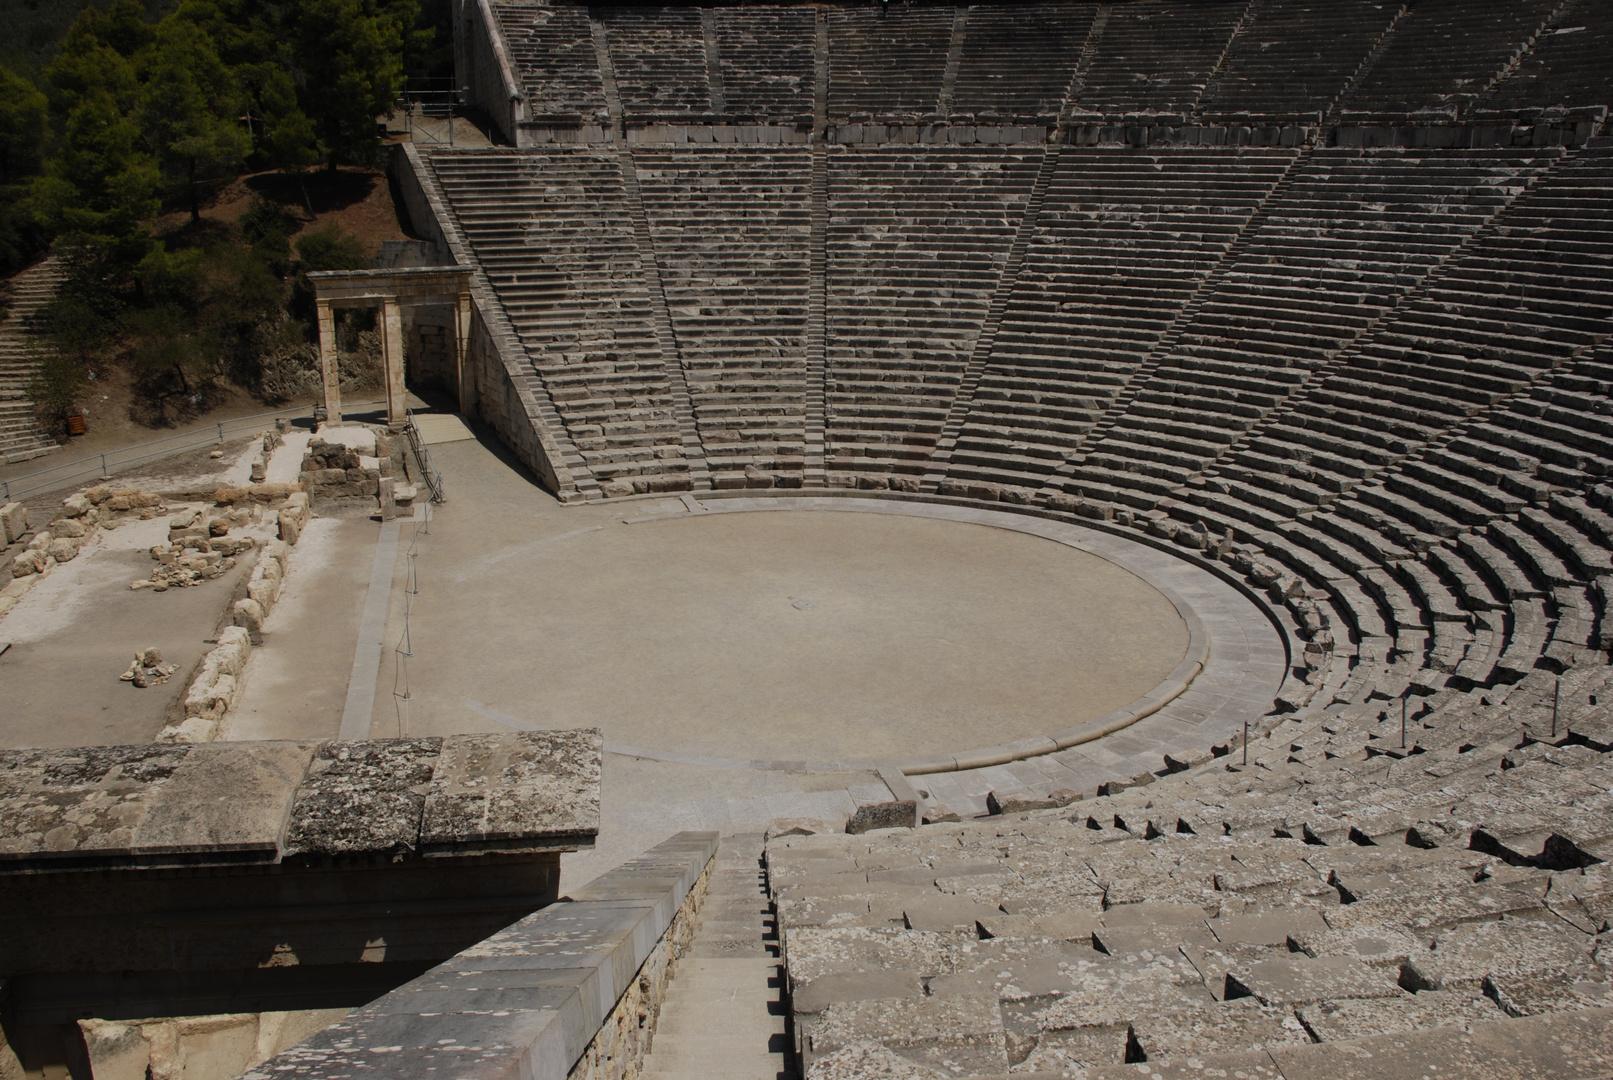 Theater von Epidauros #2